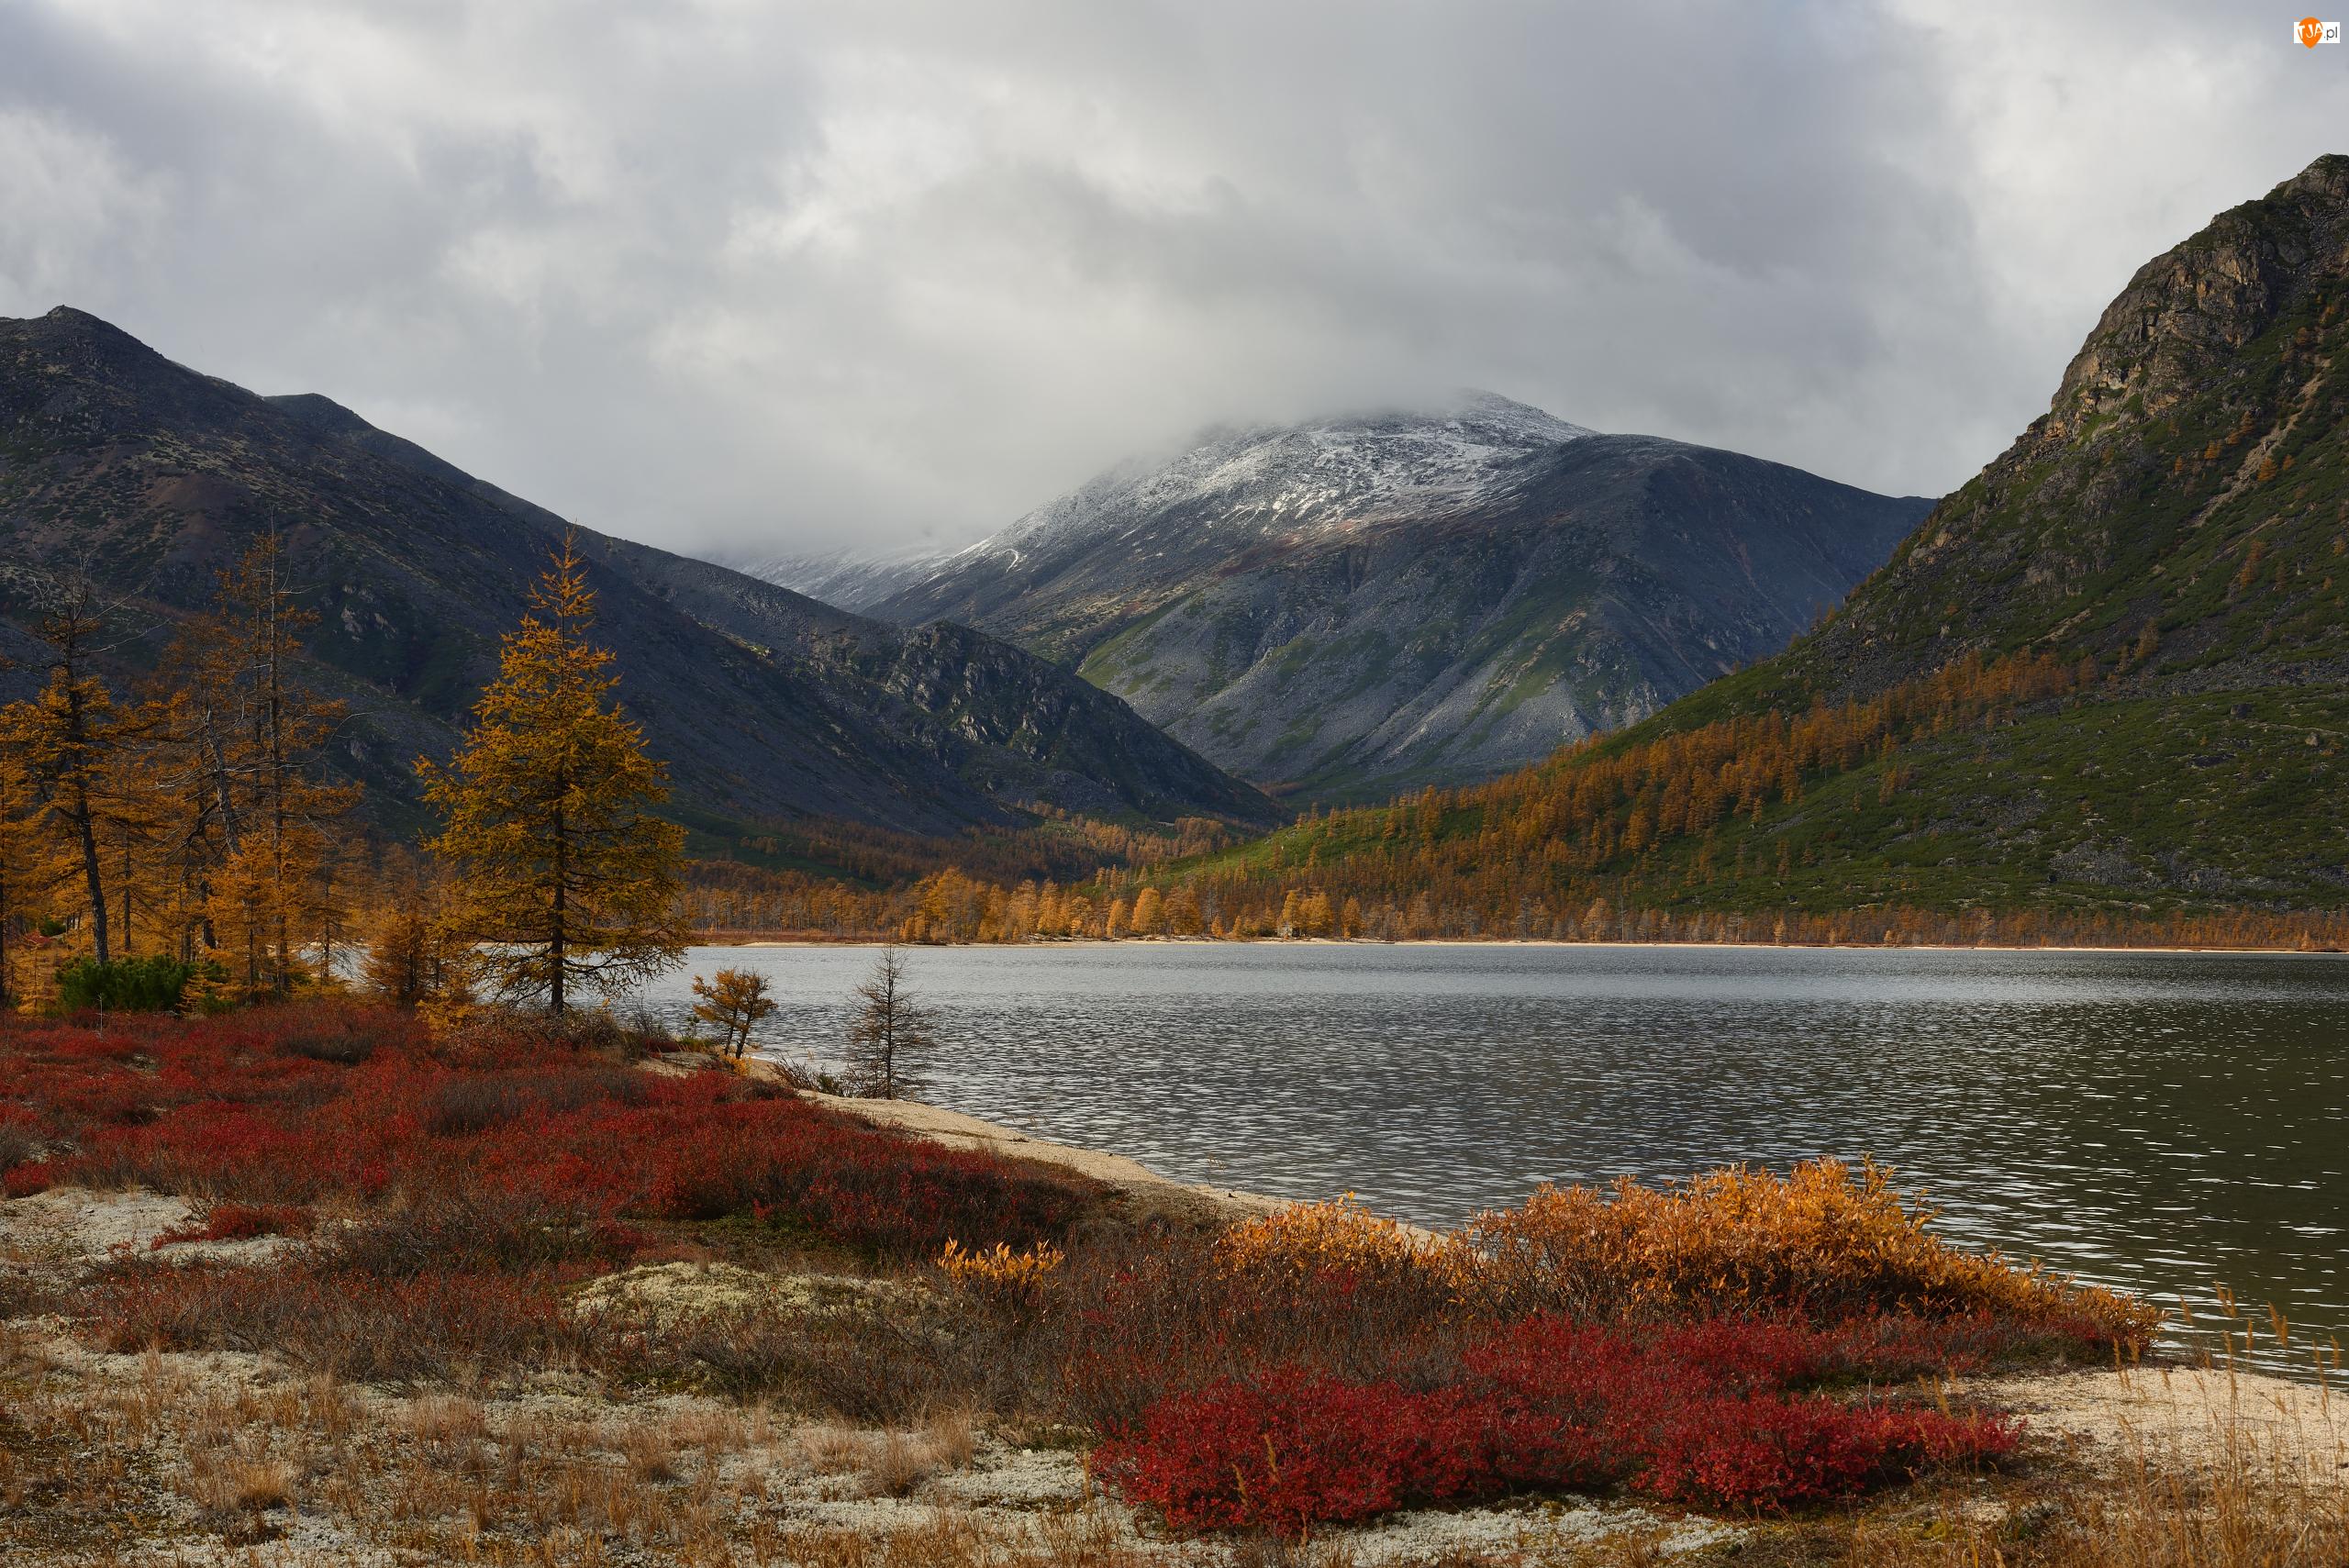 Mgła, Drzewa, Rosja, Jesień, Obwód magadański, Jezioro Jacka Londona, Góry Kołymskie